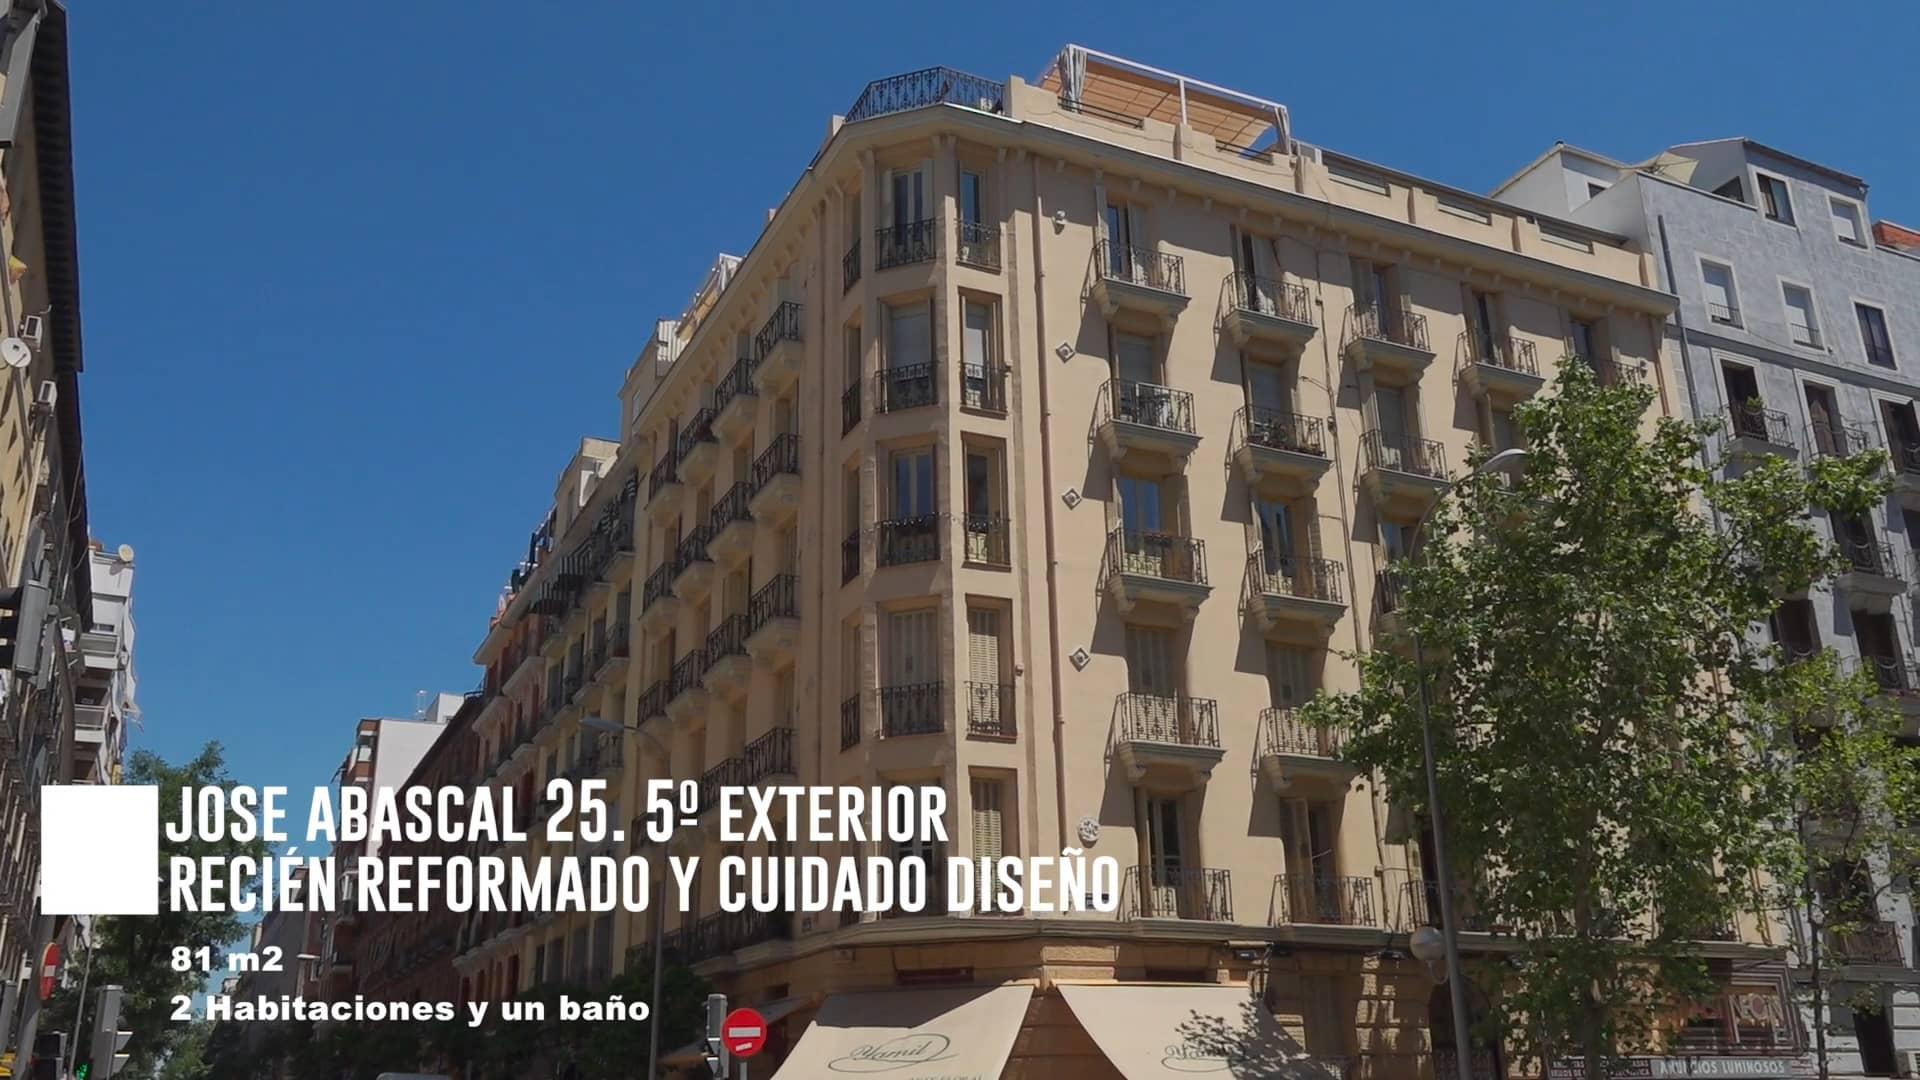 fotografia y video para eventos en madrid inmoviliaria eventop